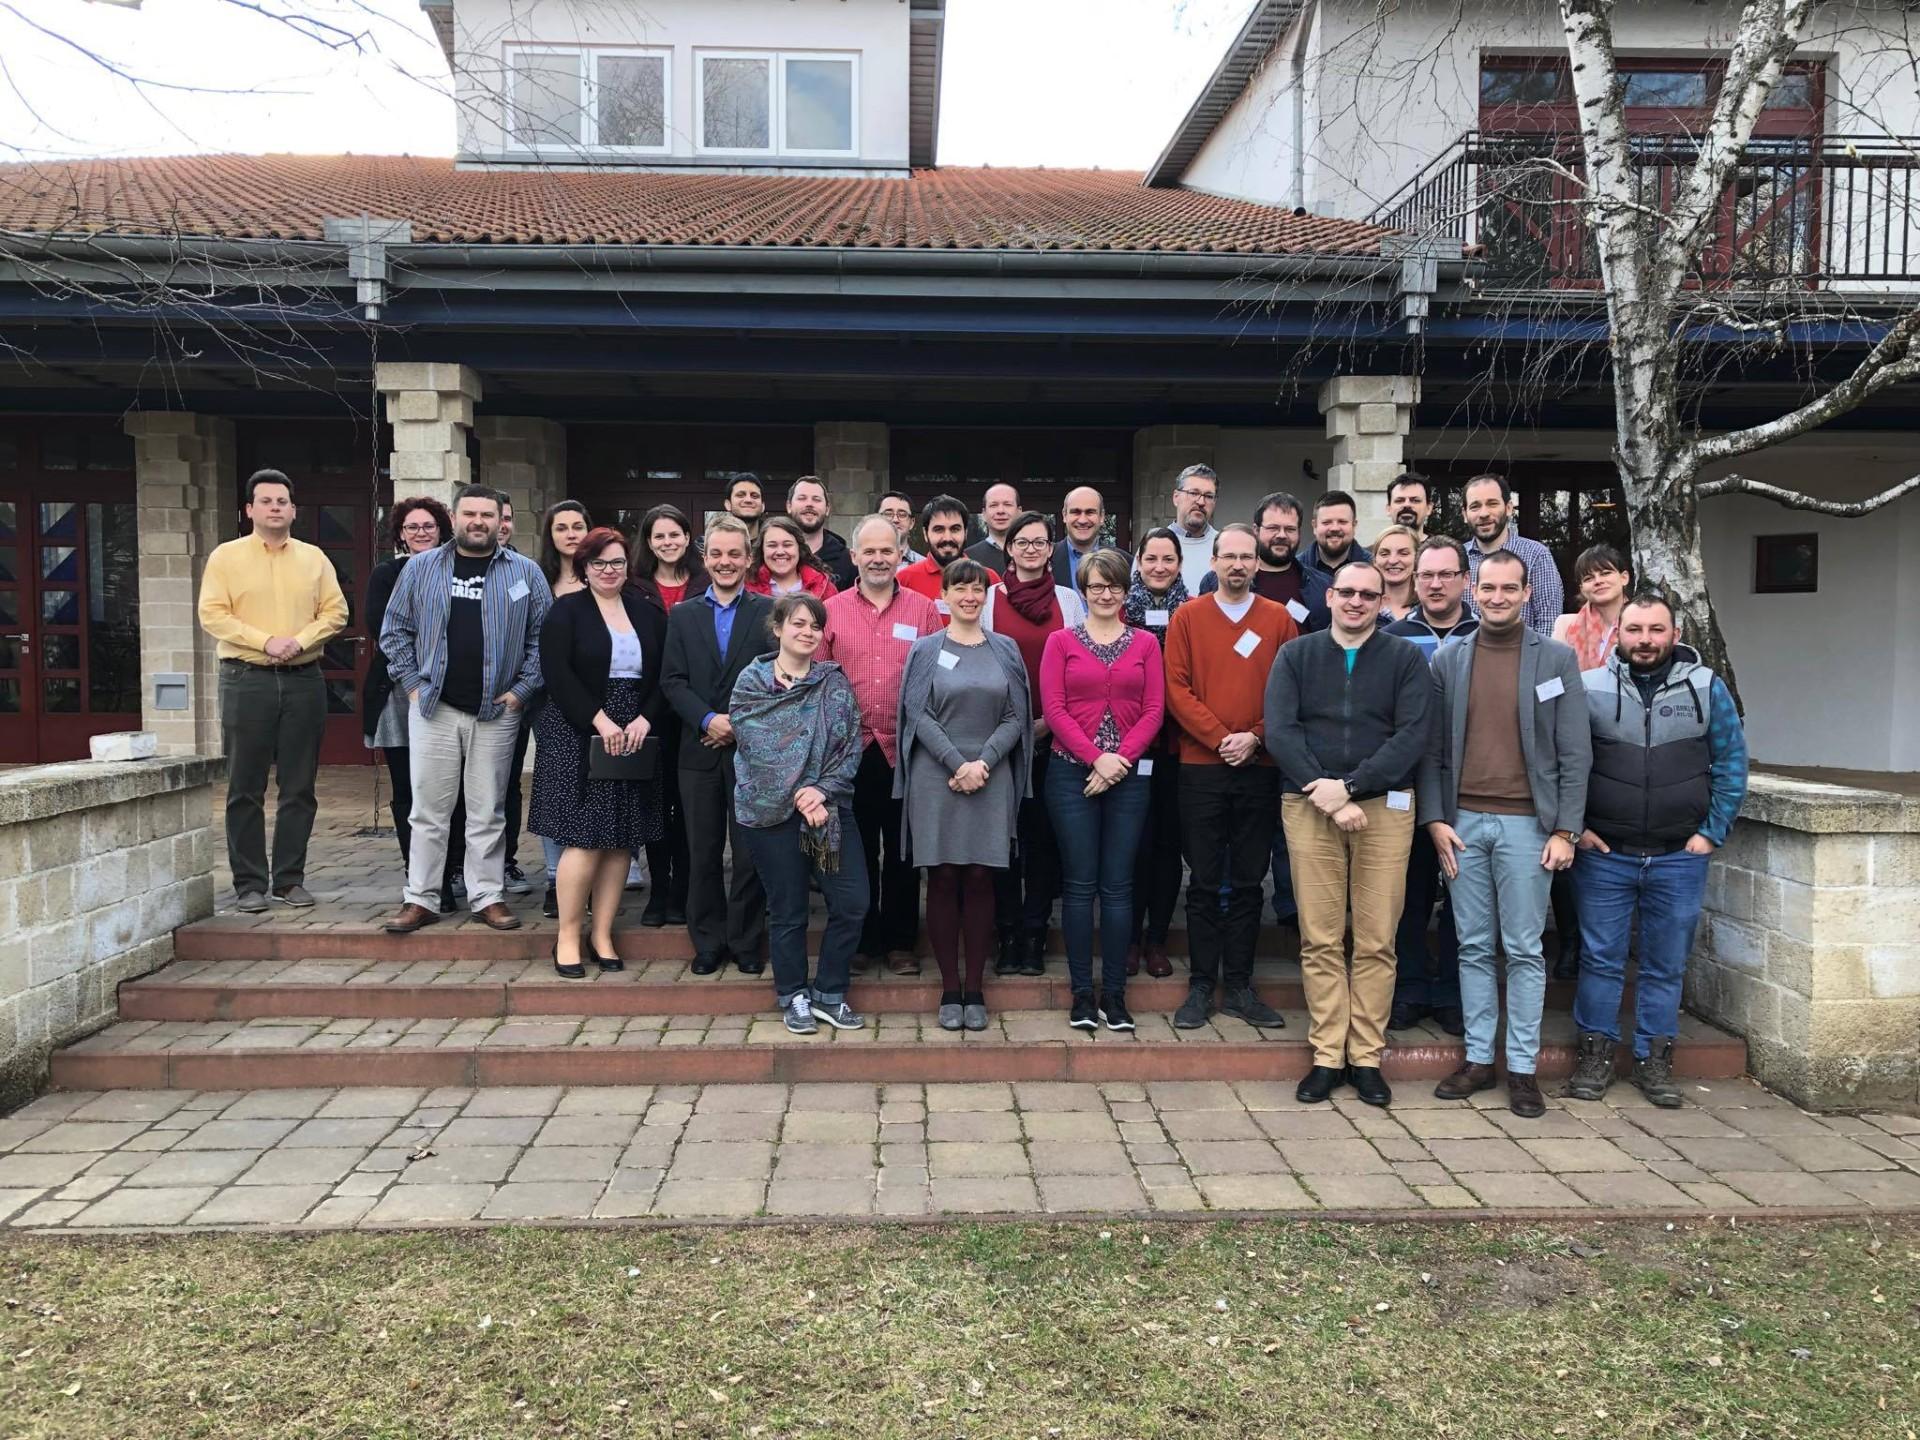 Ifjúsági vezetők találkoztak Berekfürdőn